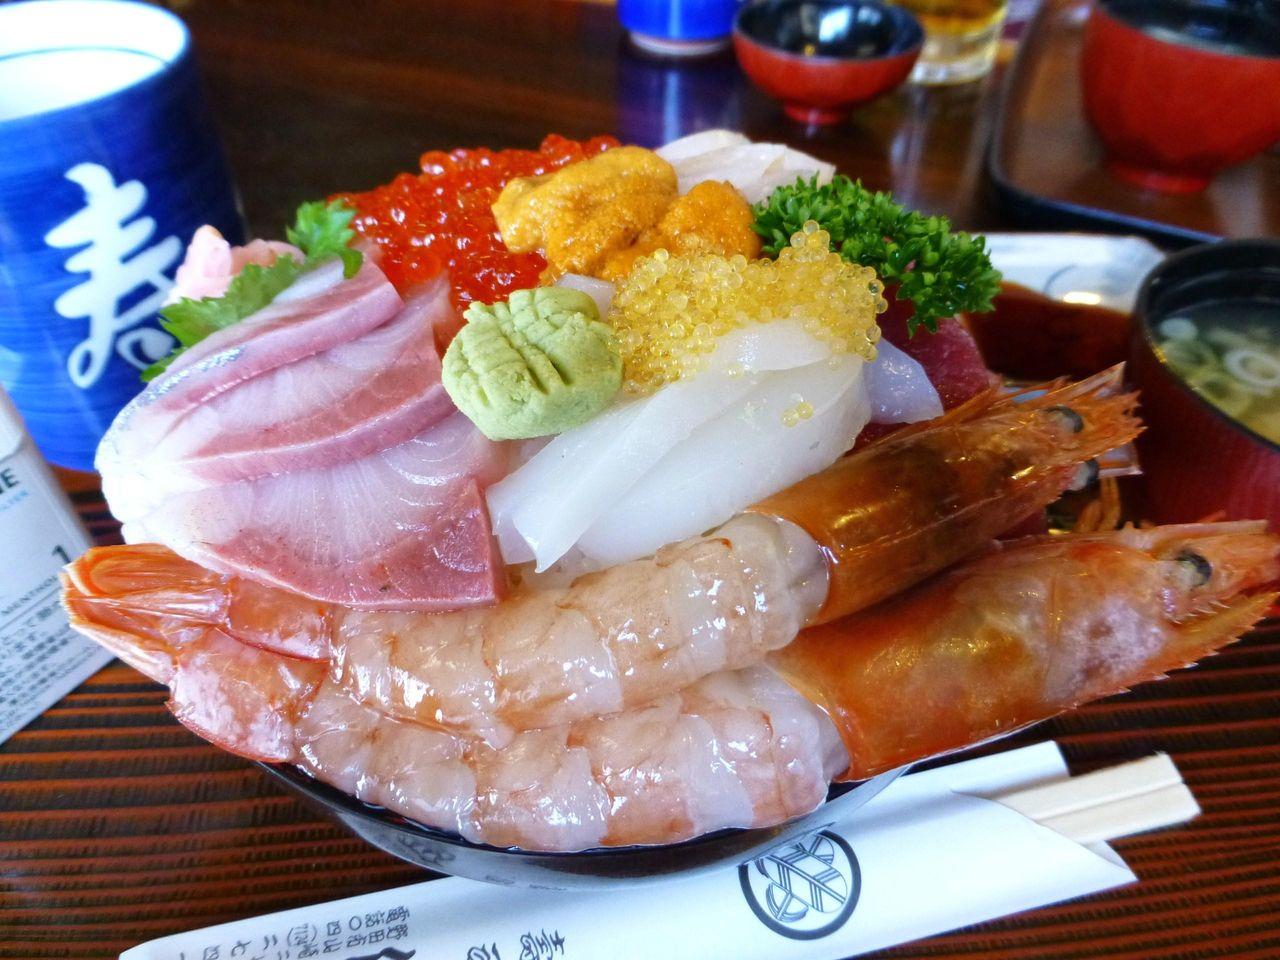 ママさんが作る海鮮丼は、とても丁寧な盛り付け!